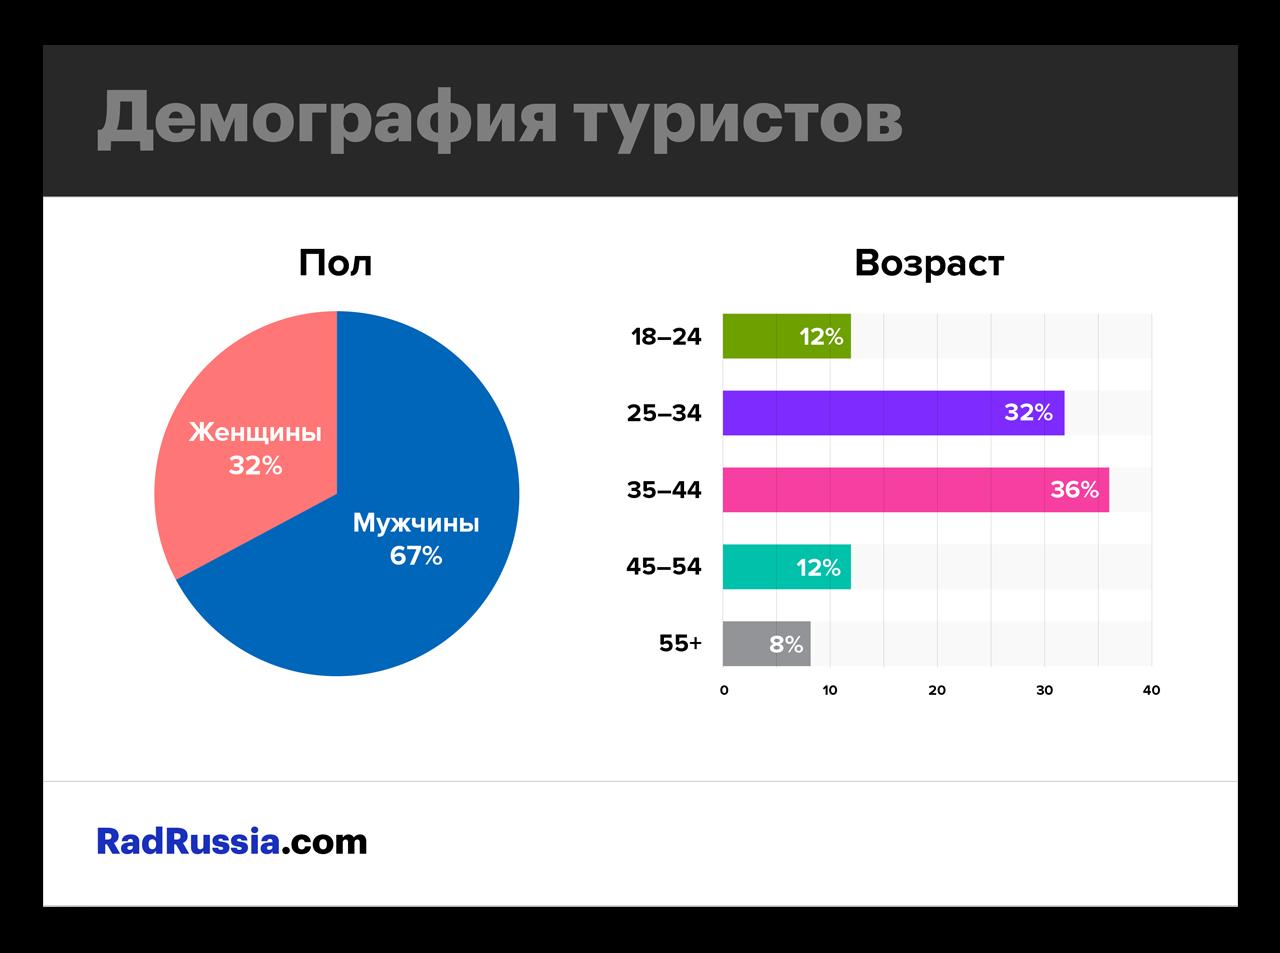 Демографическая статистика туристов в Росии по ЧМ 2018